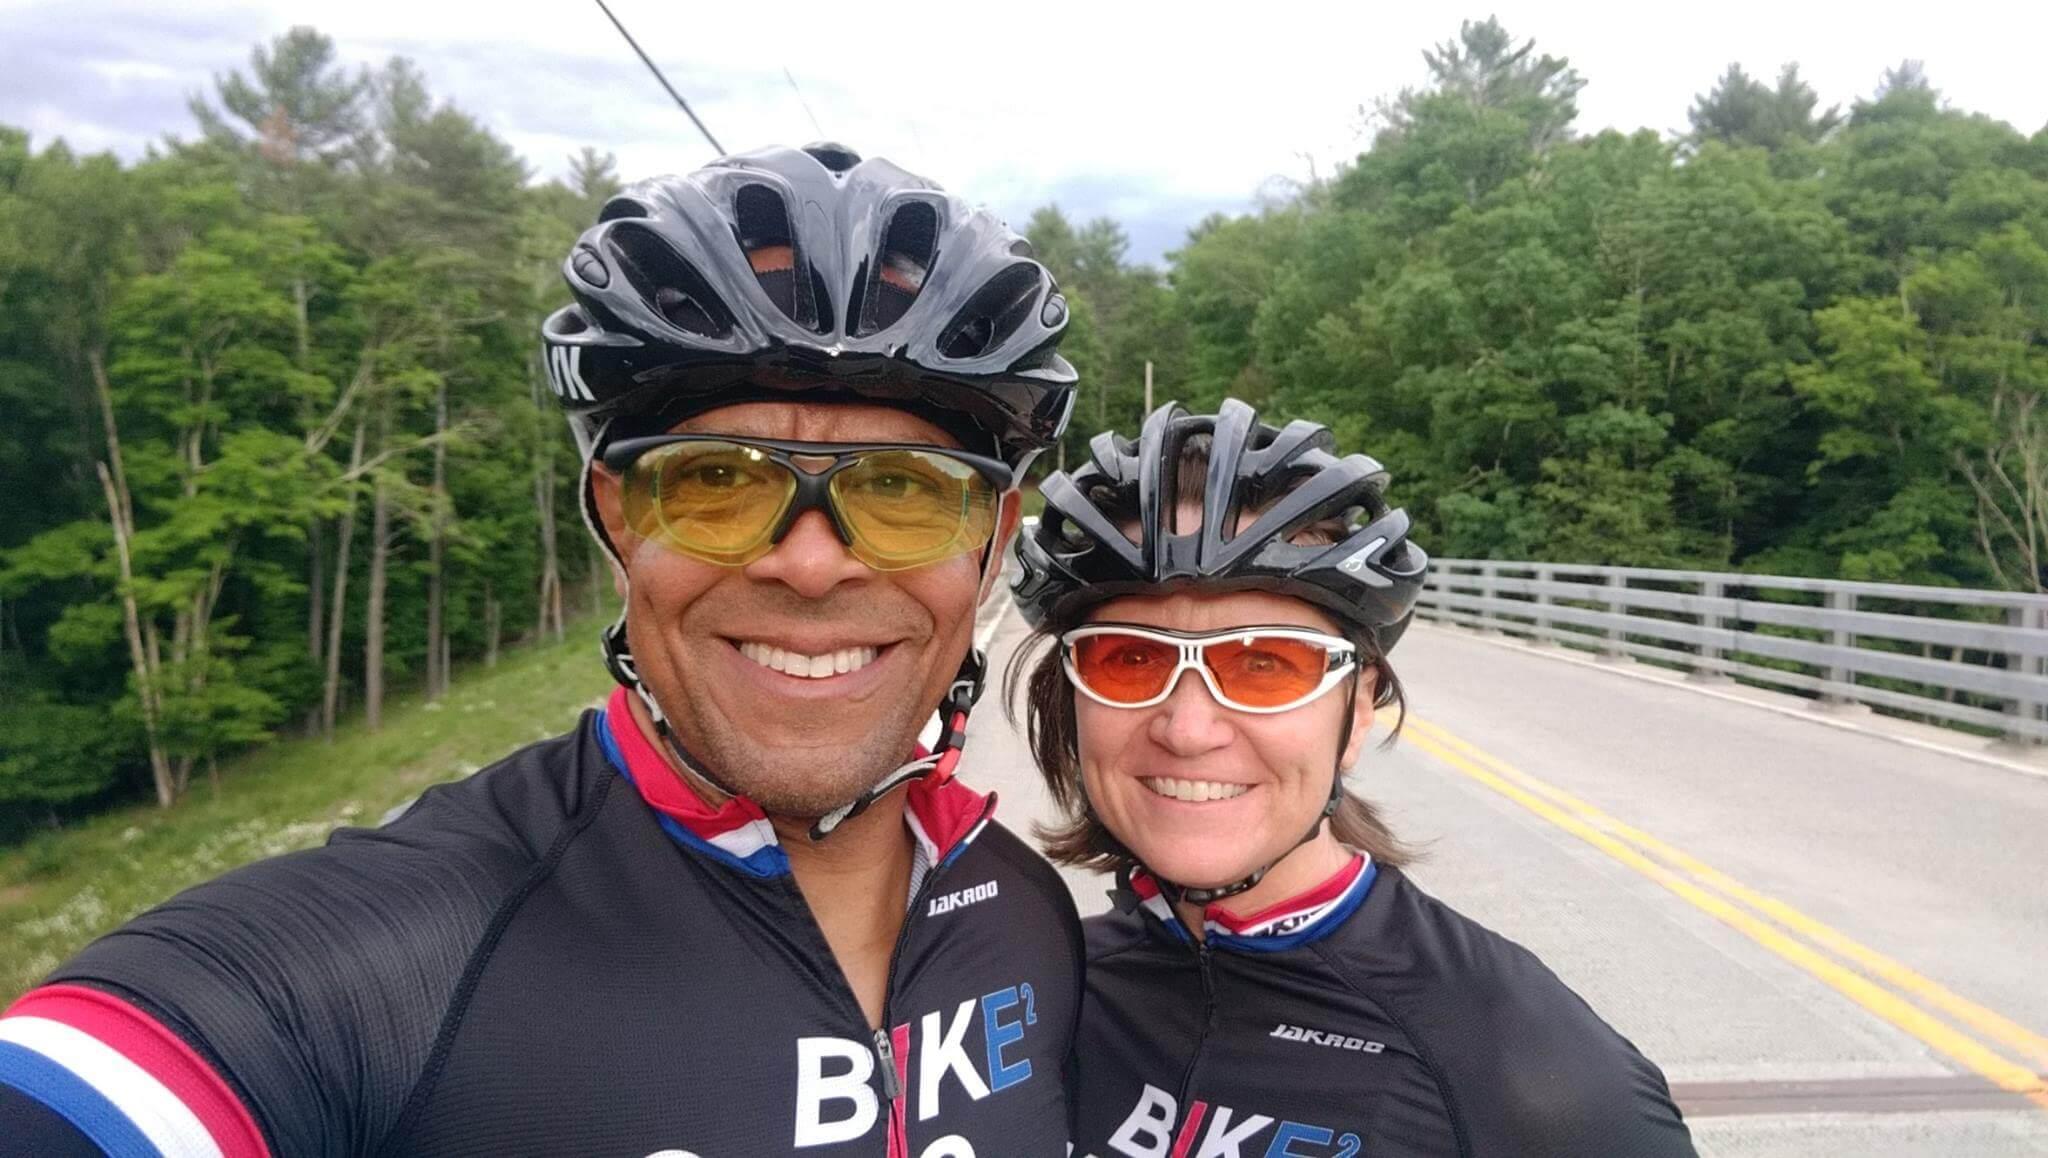 Jim and Lori Bike